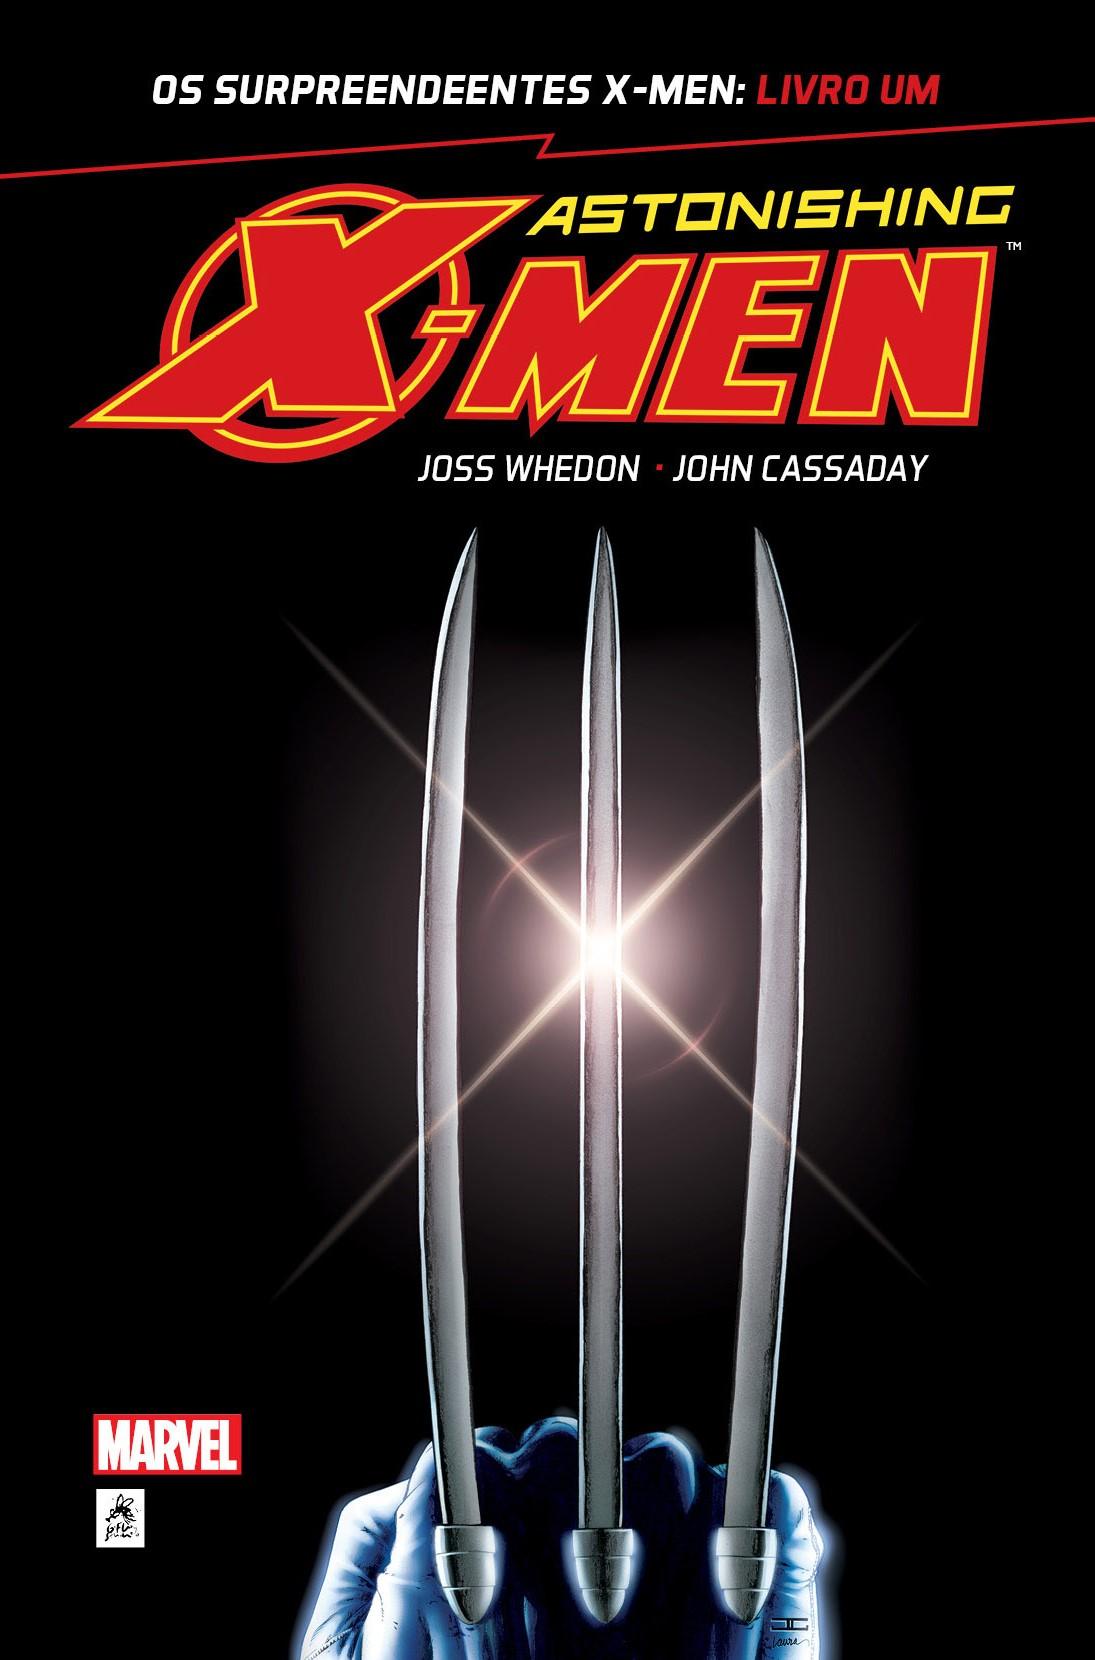 OS SURPREENDENTES X-MEN: LIVRO UM